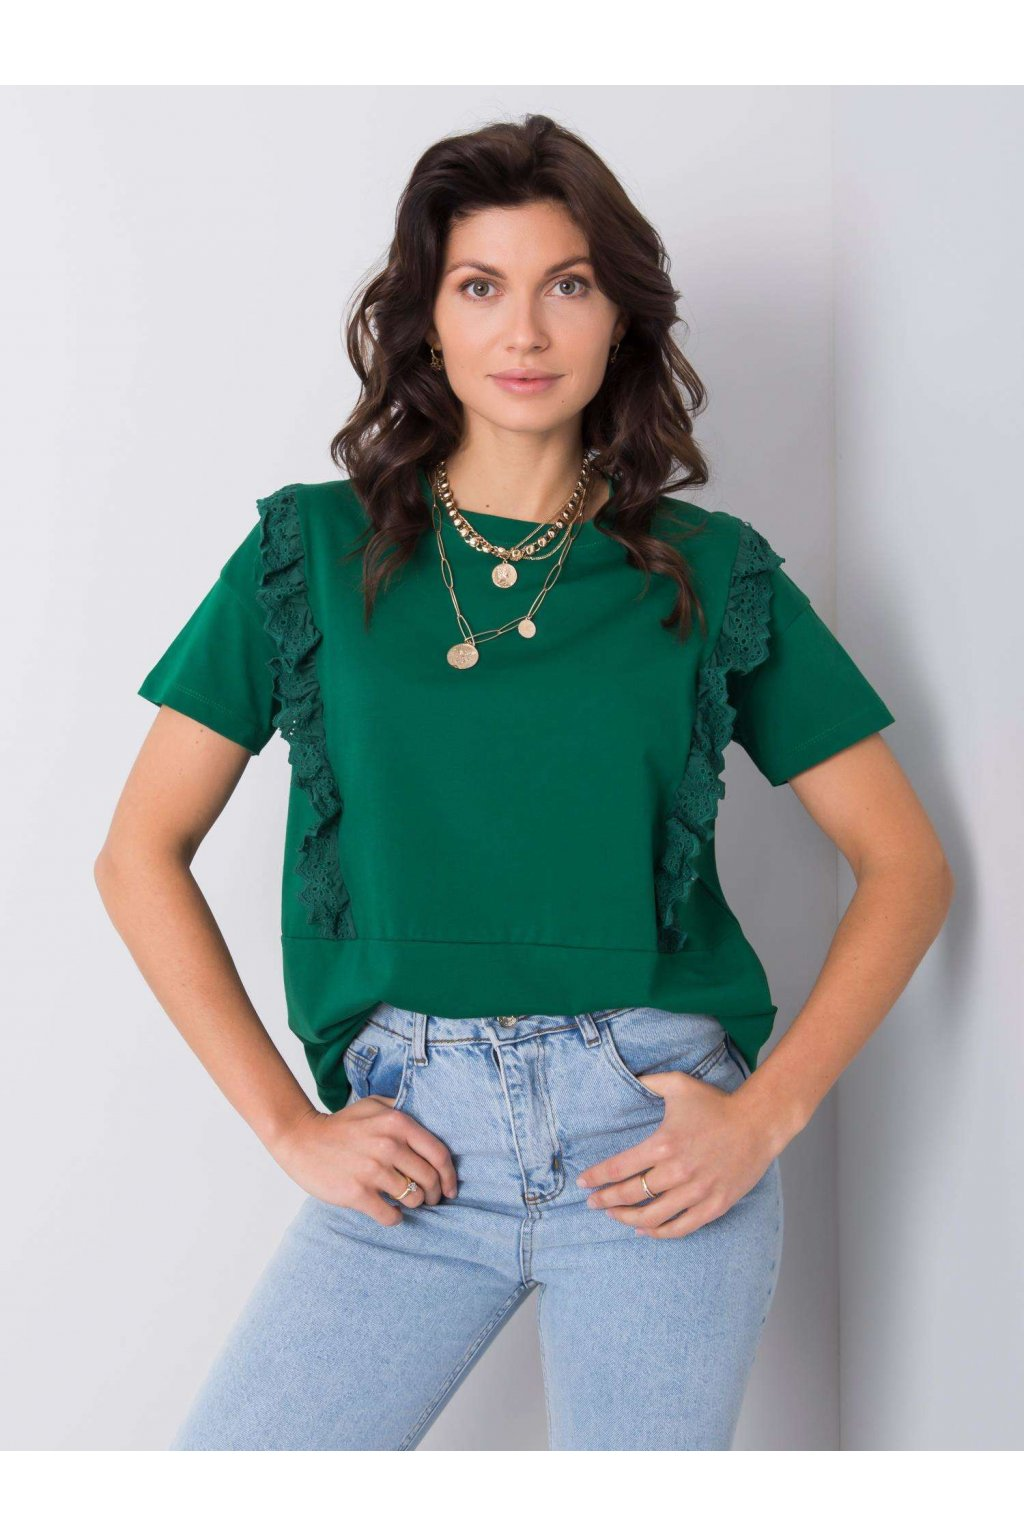 pol pl Ciemnozielony t shirt z falbanami Mylene 363404 1